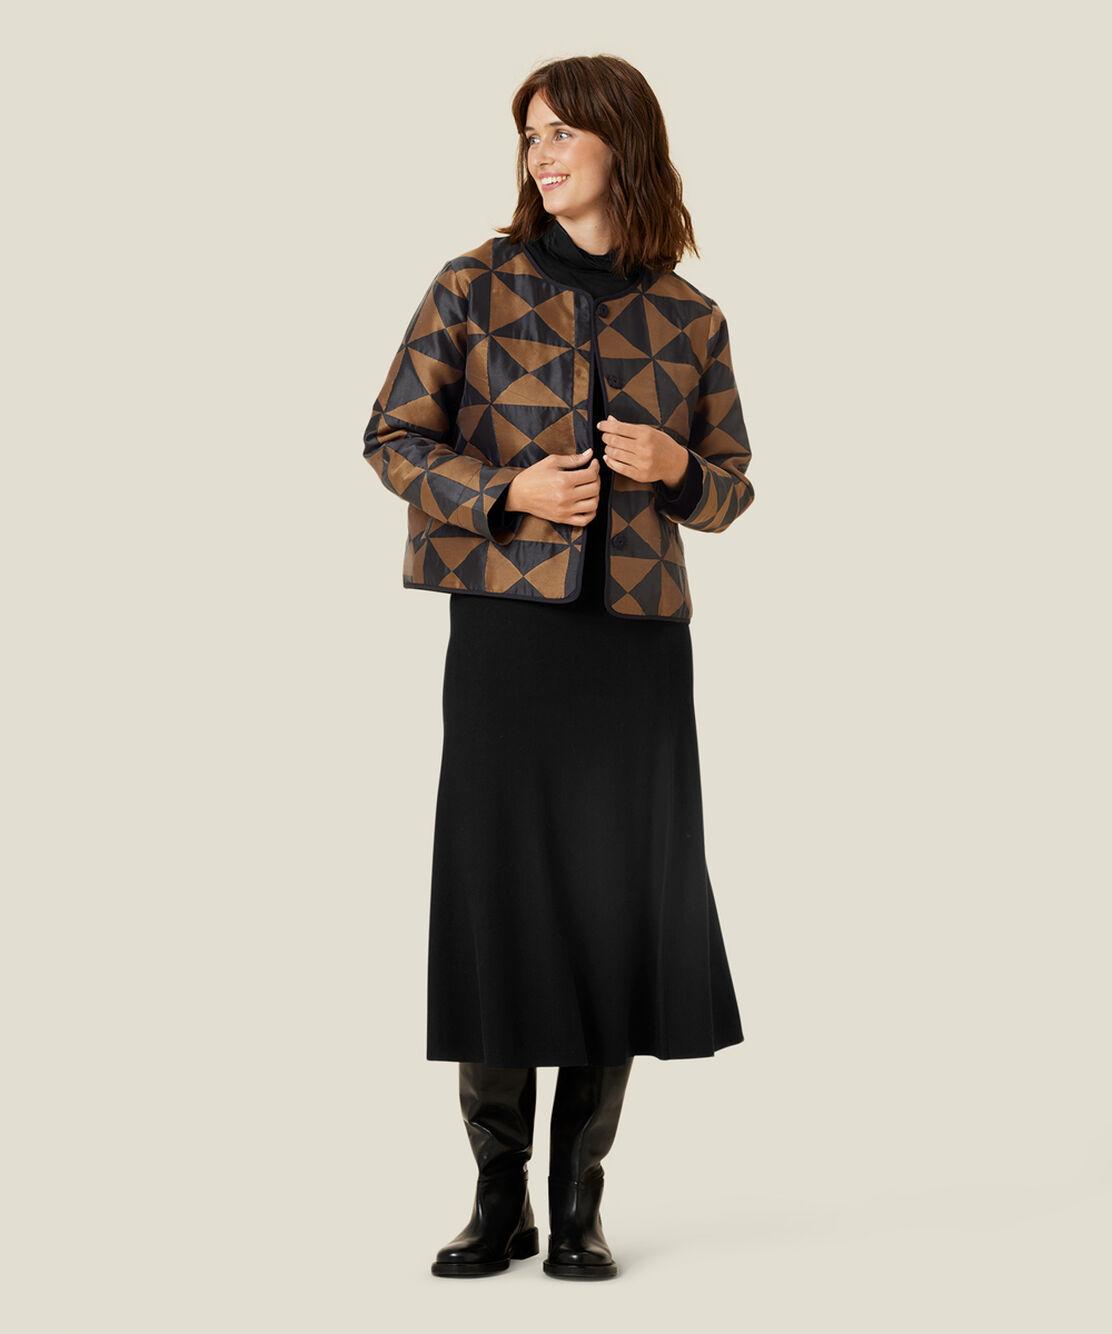 JOLEEN JACKE, Monk's Robe, hi-res